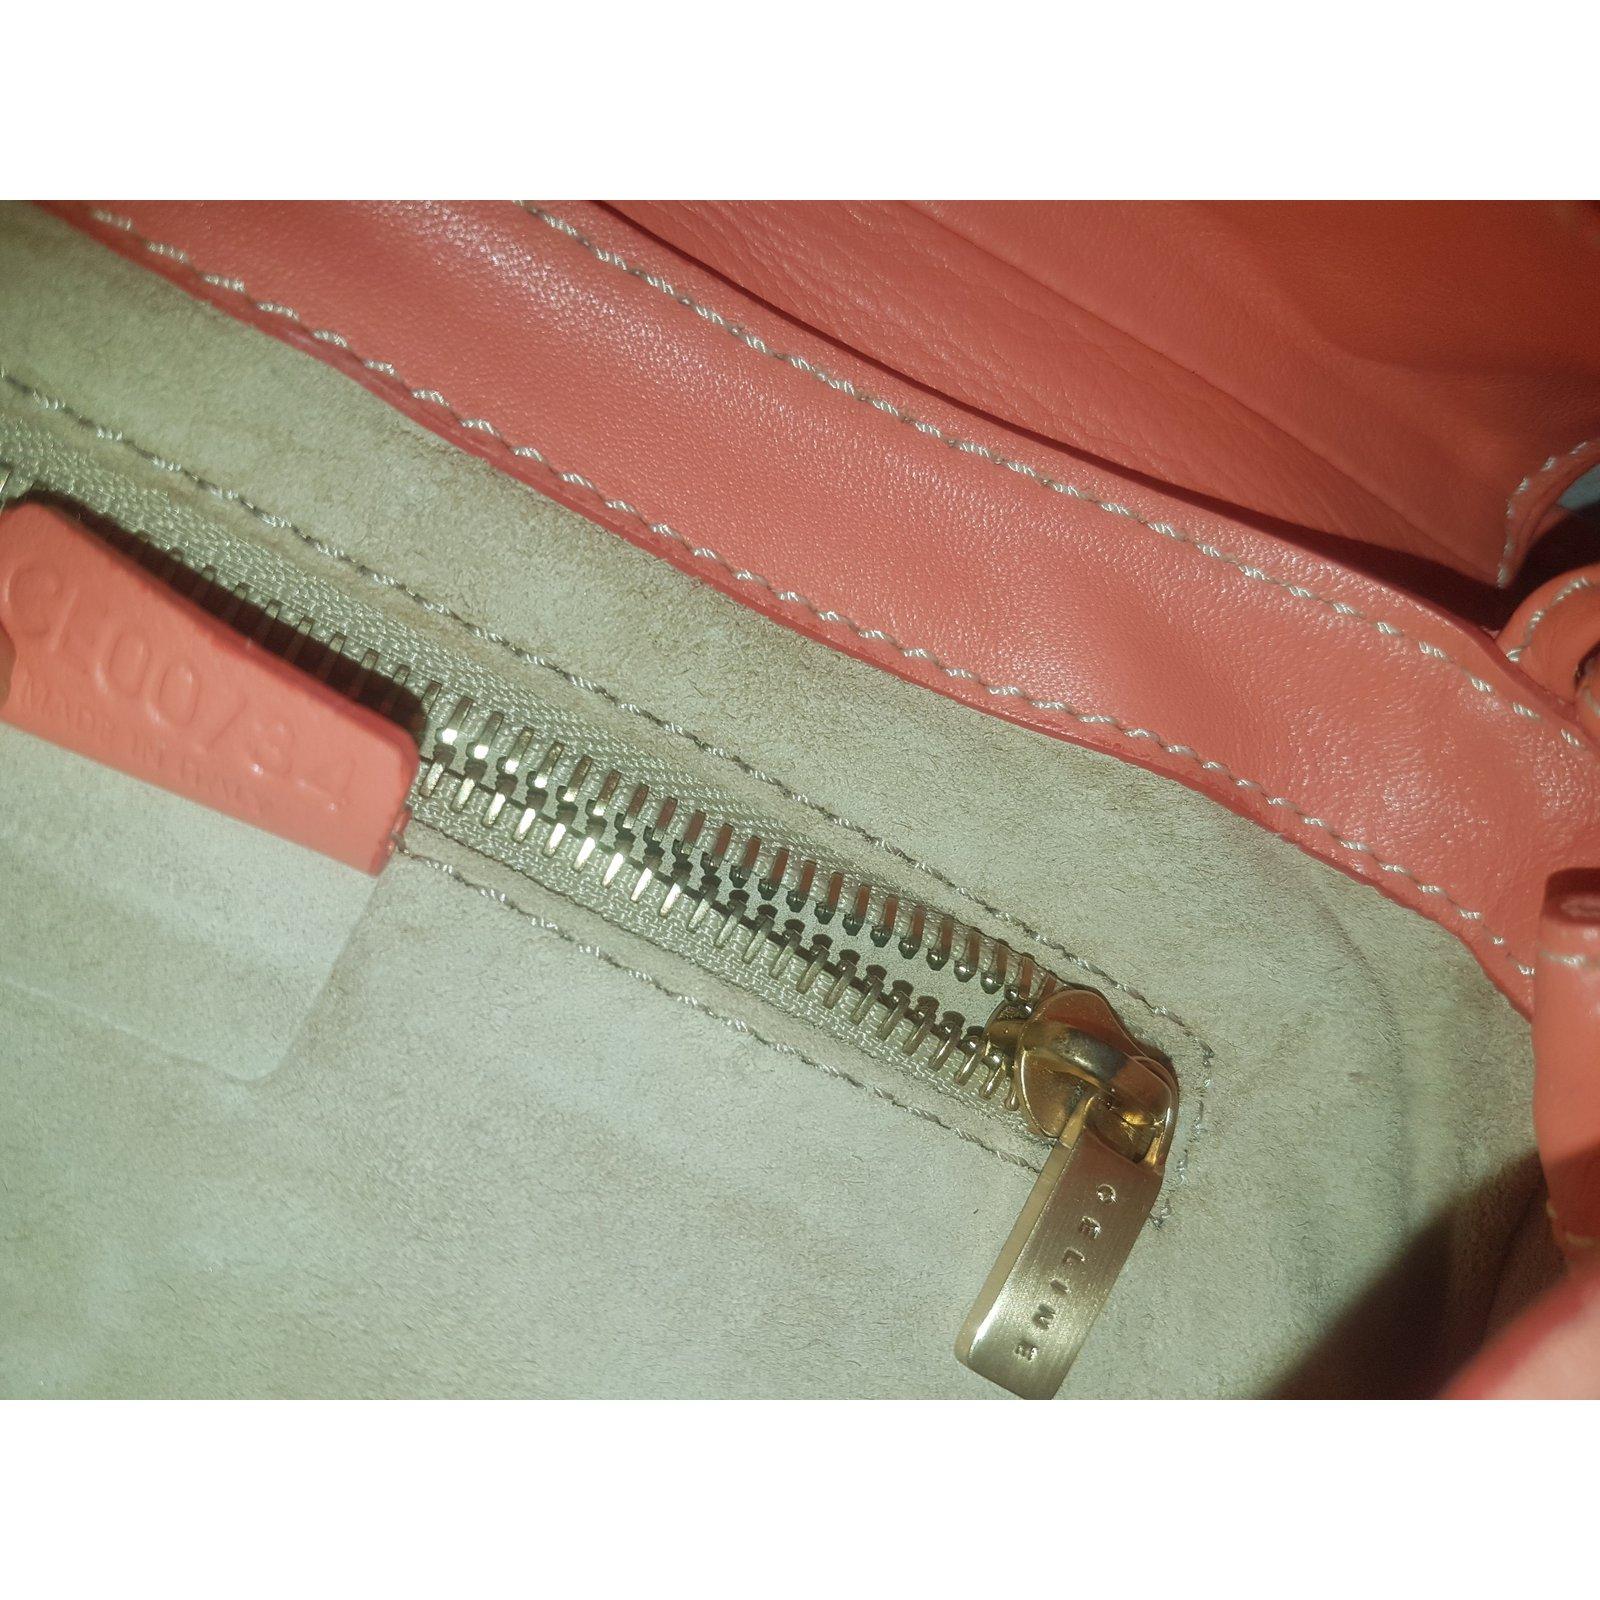 c93f91abe6 Céline Clutch bags Clutch bags Suede Orange ref.53697 - Joli Closet